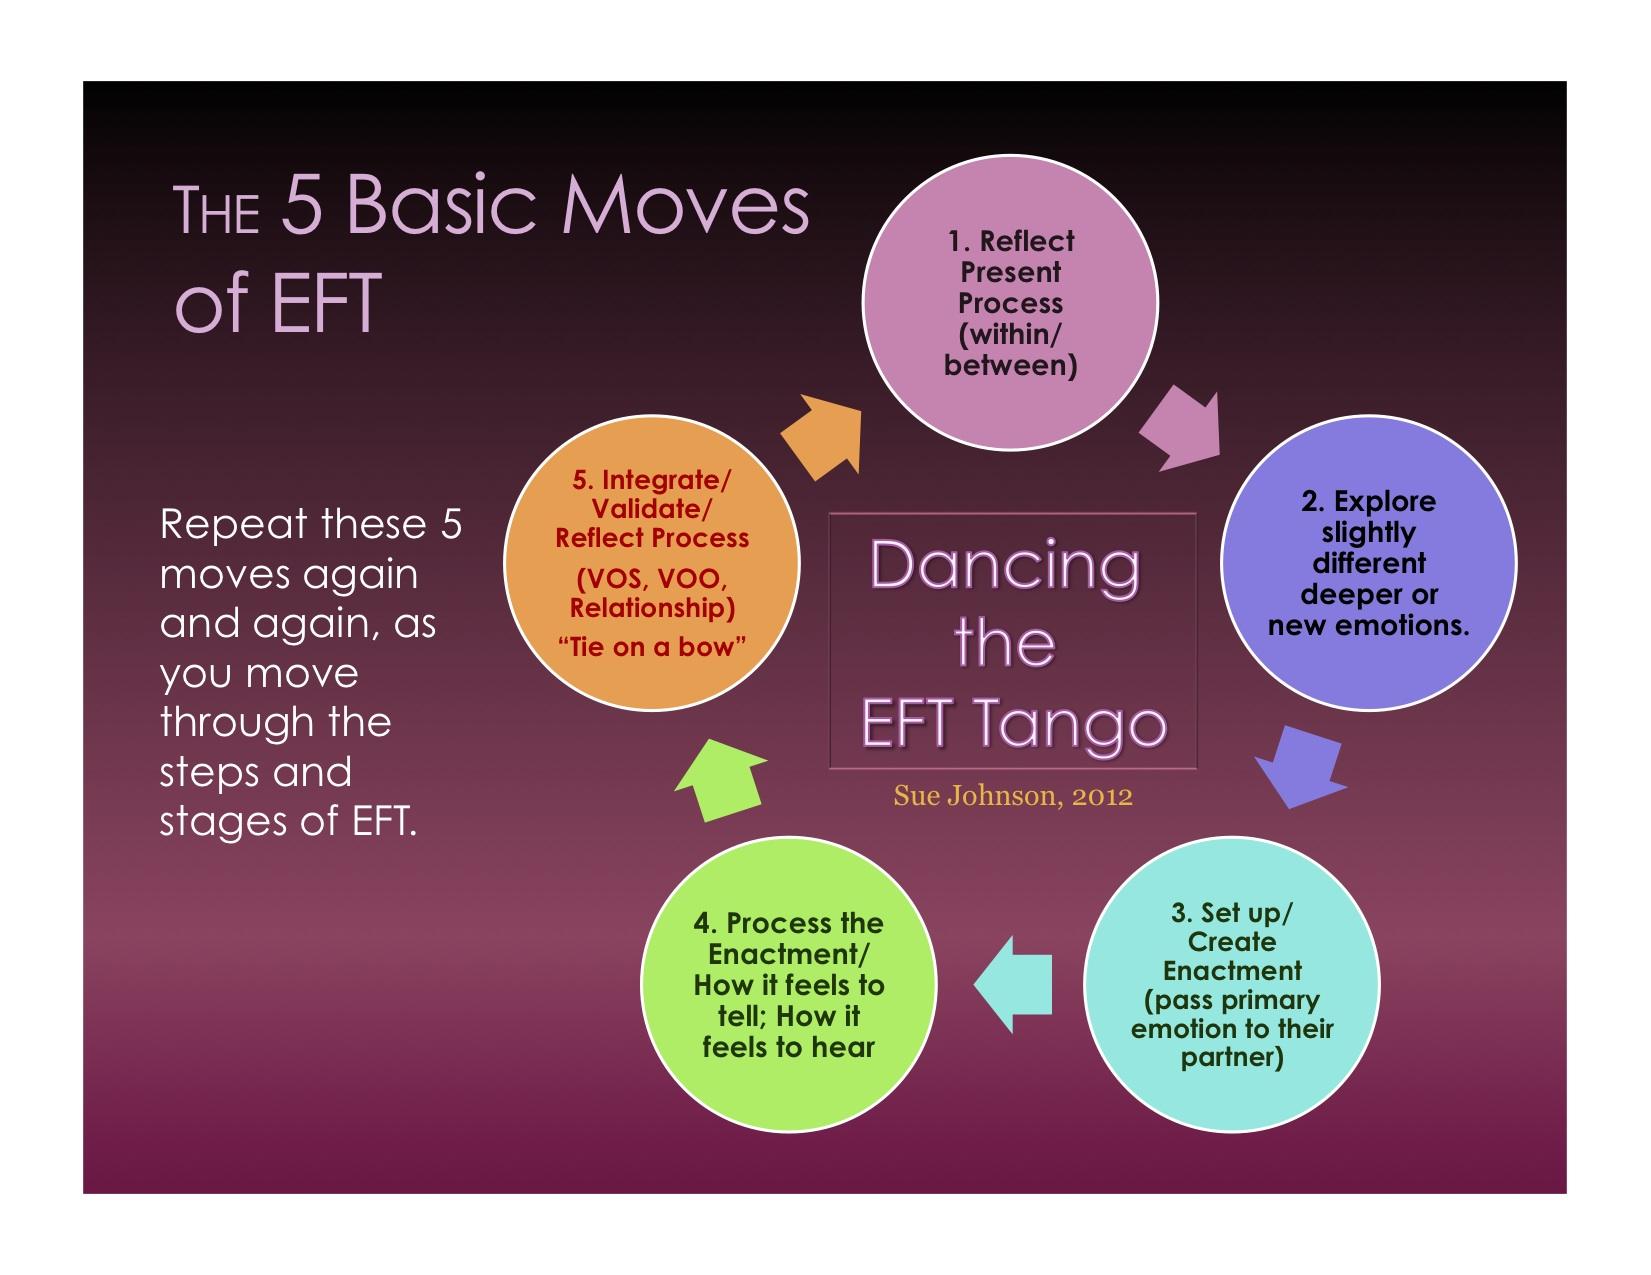 The Eft Tango